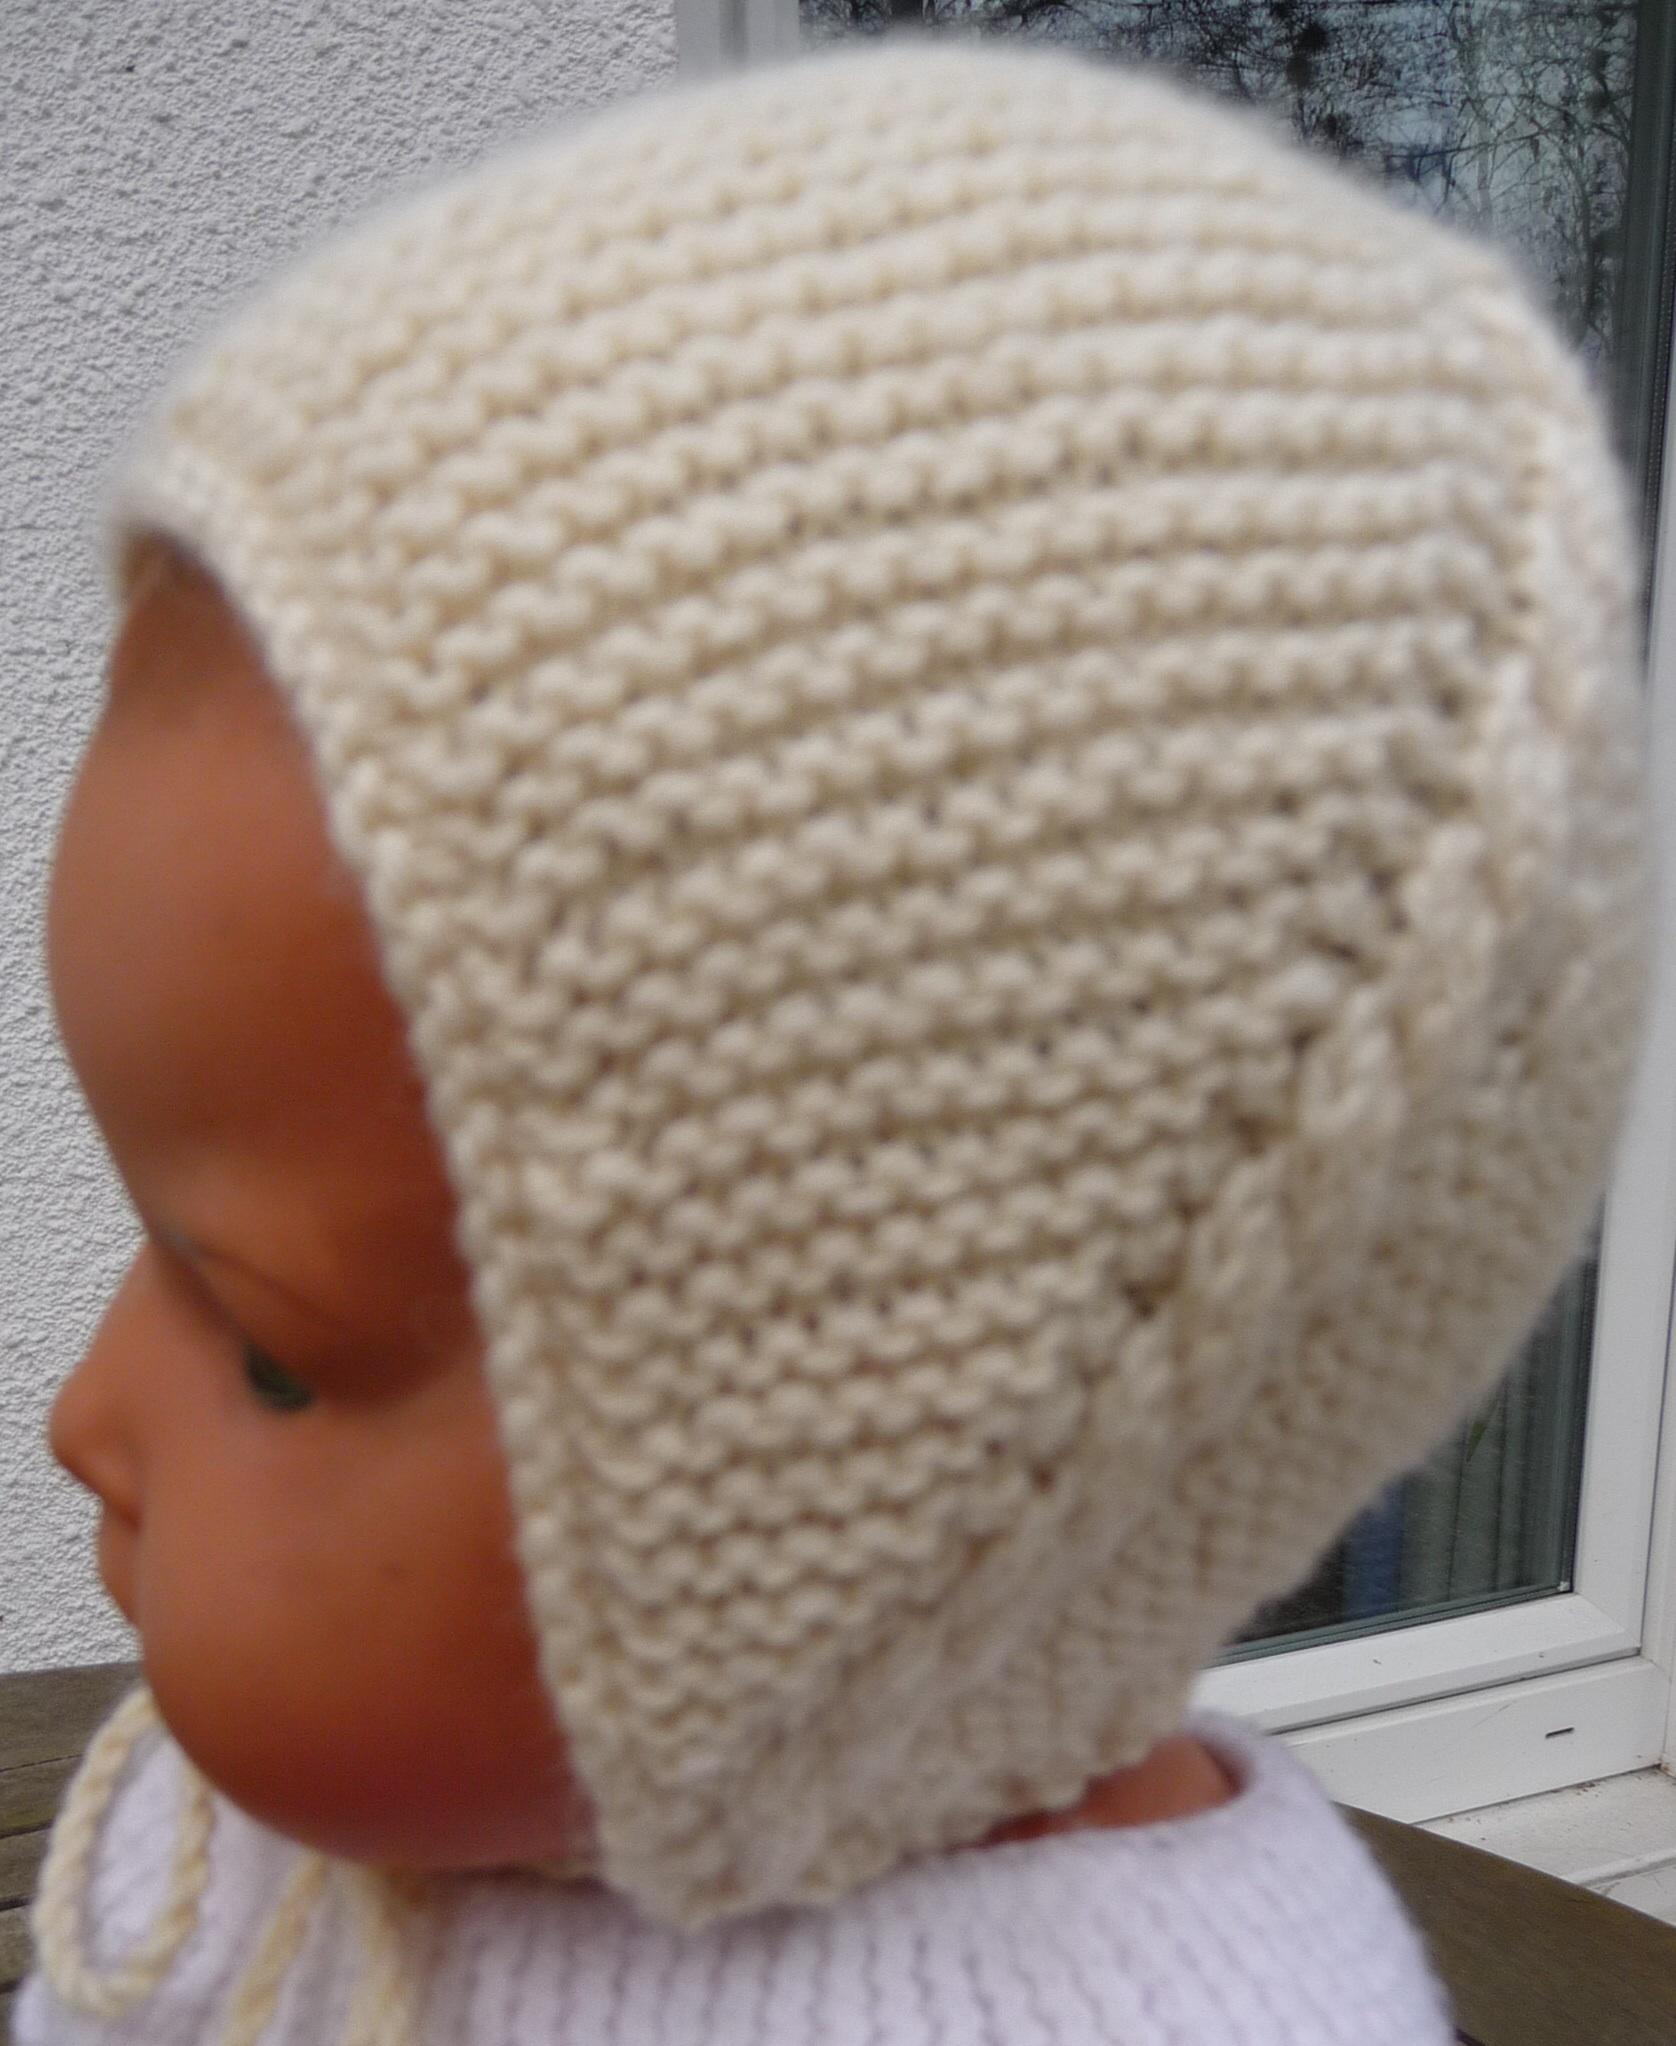 Tricoter un bonnet de naissance gratuit - Idées de tricot gratuit 4d329e55e62